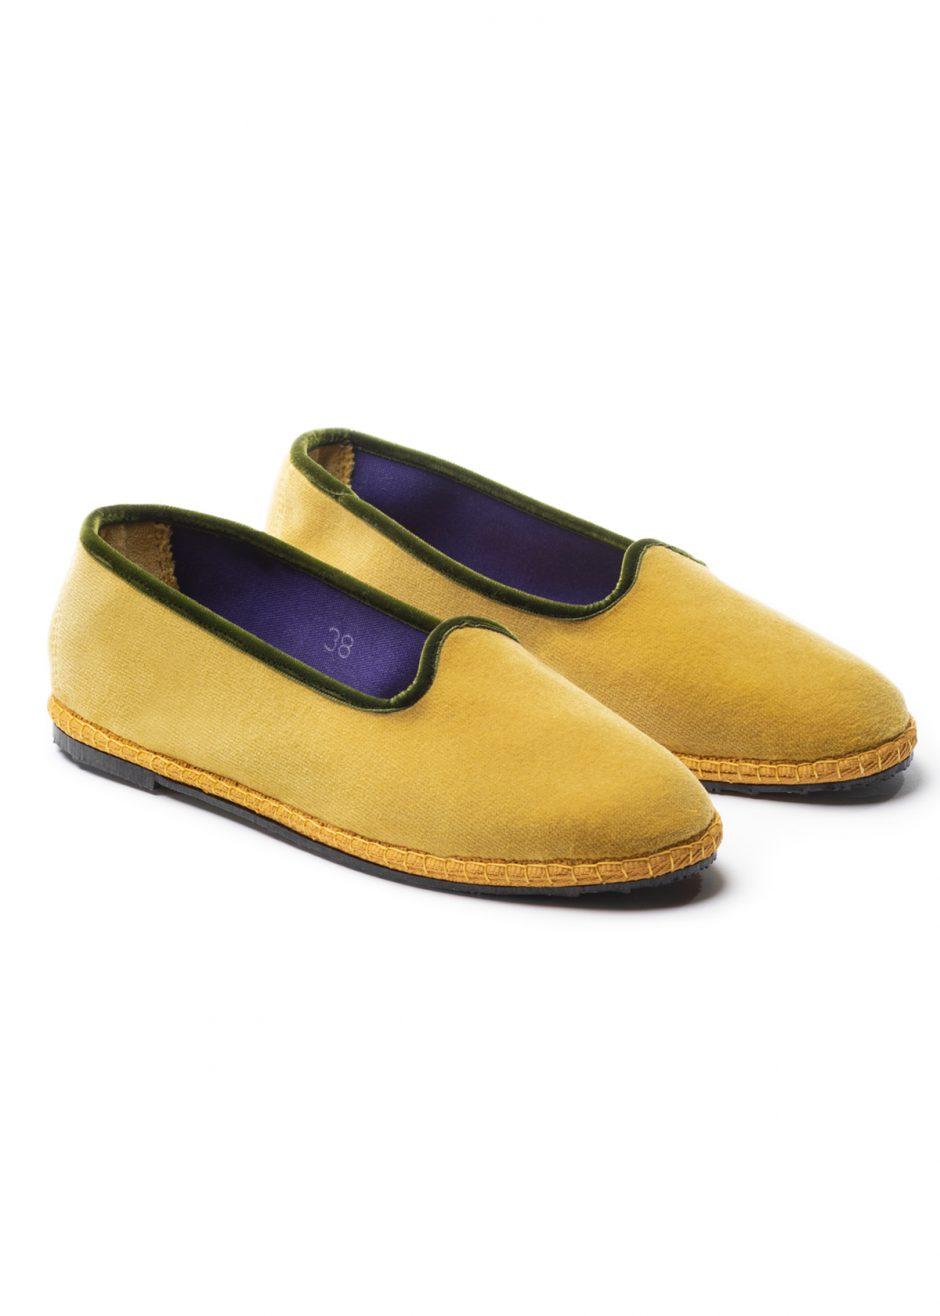 Rialto – Furlana mustard velvet